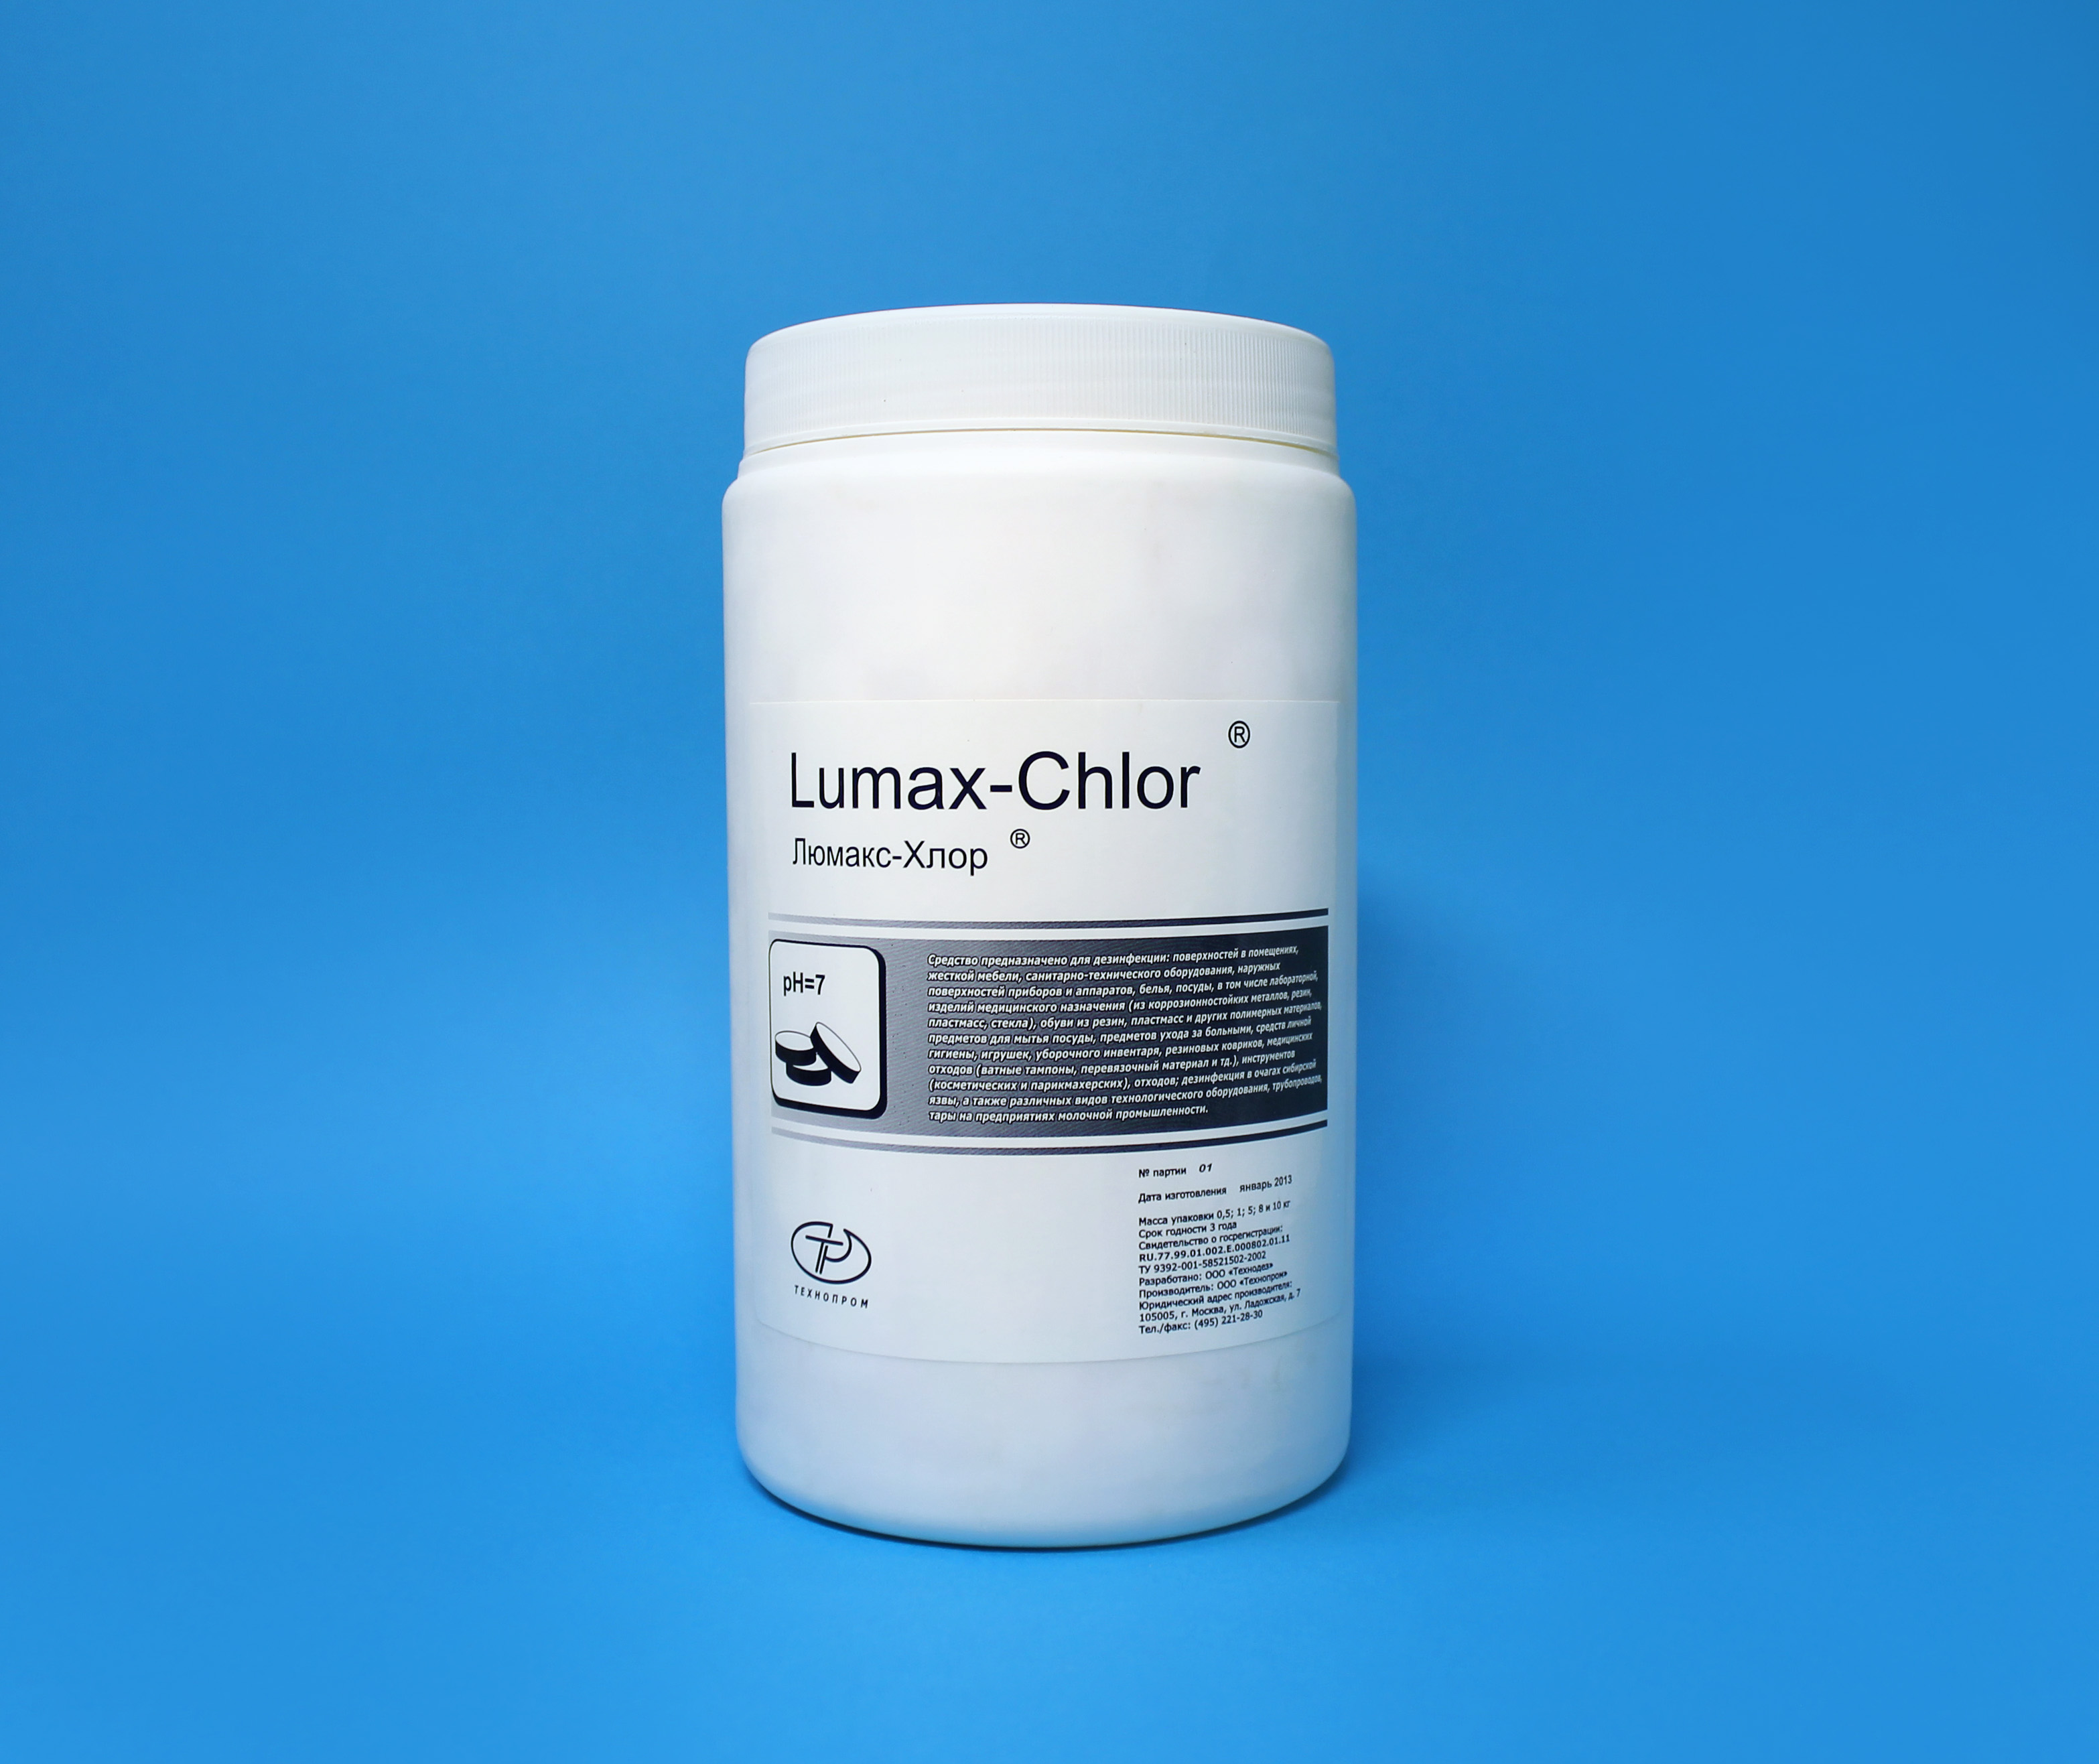 люмакс хлор инструкция по применению таблетки